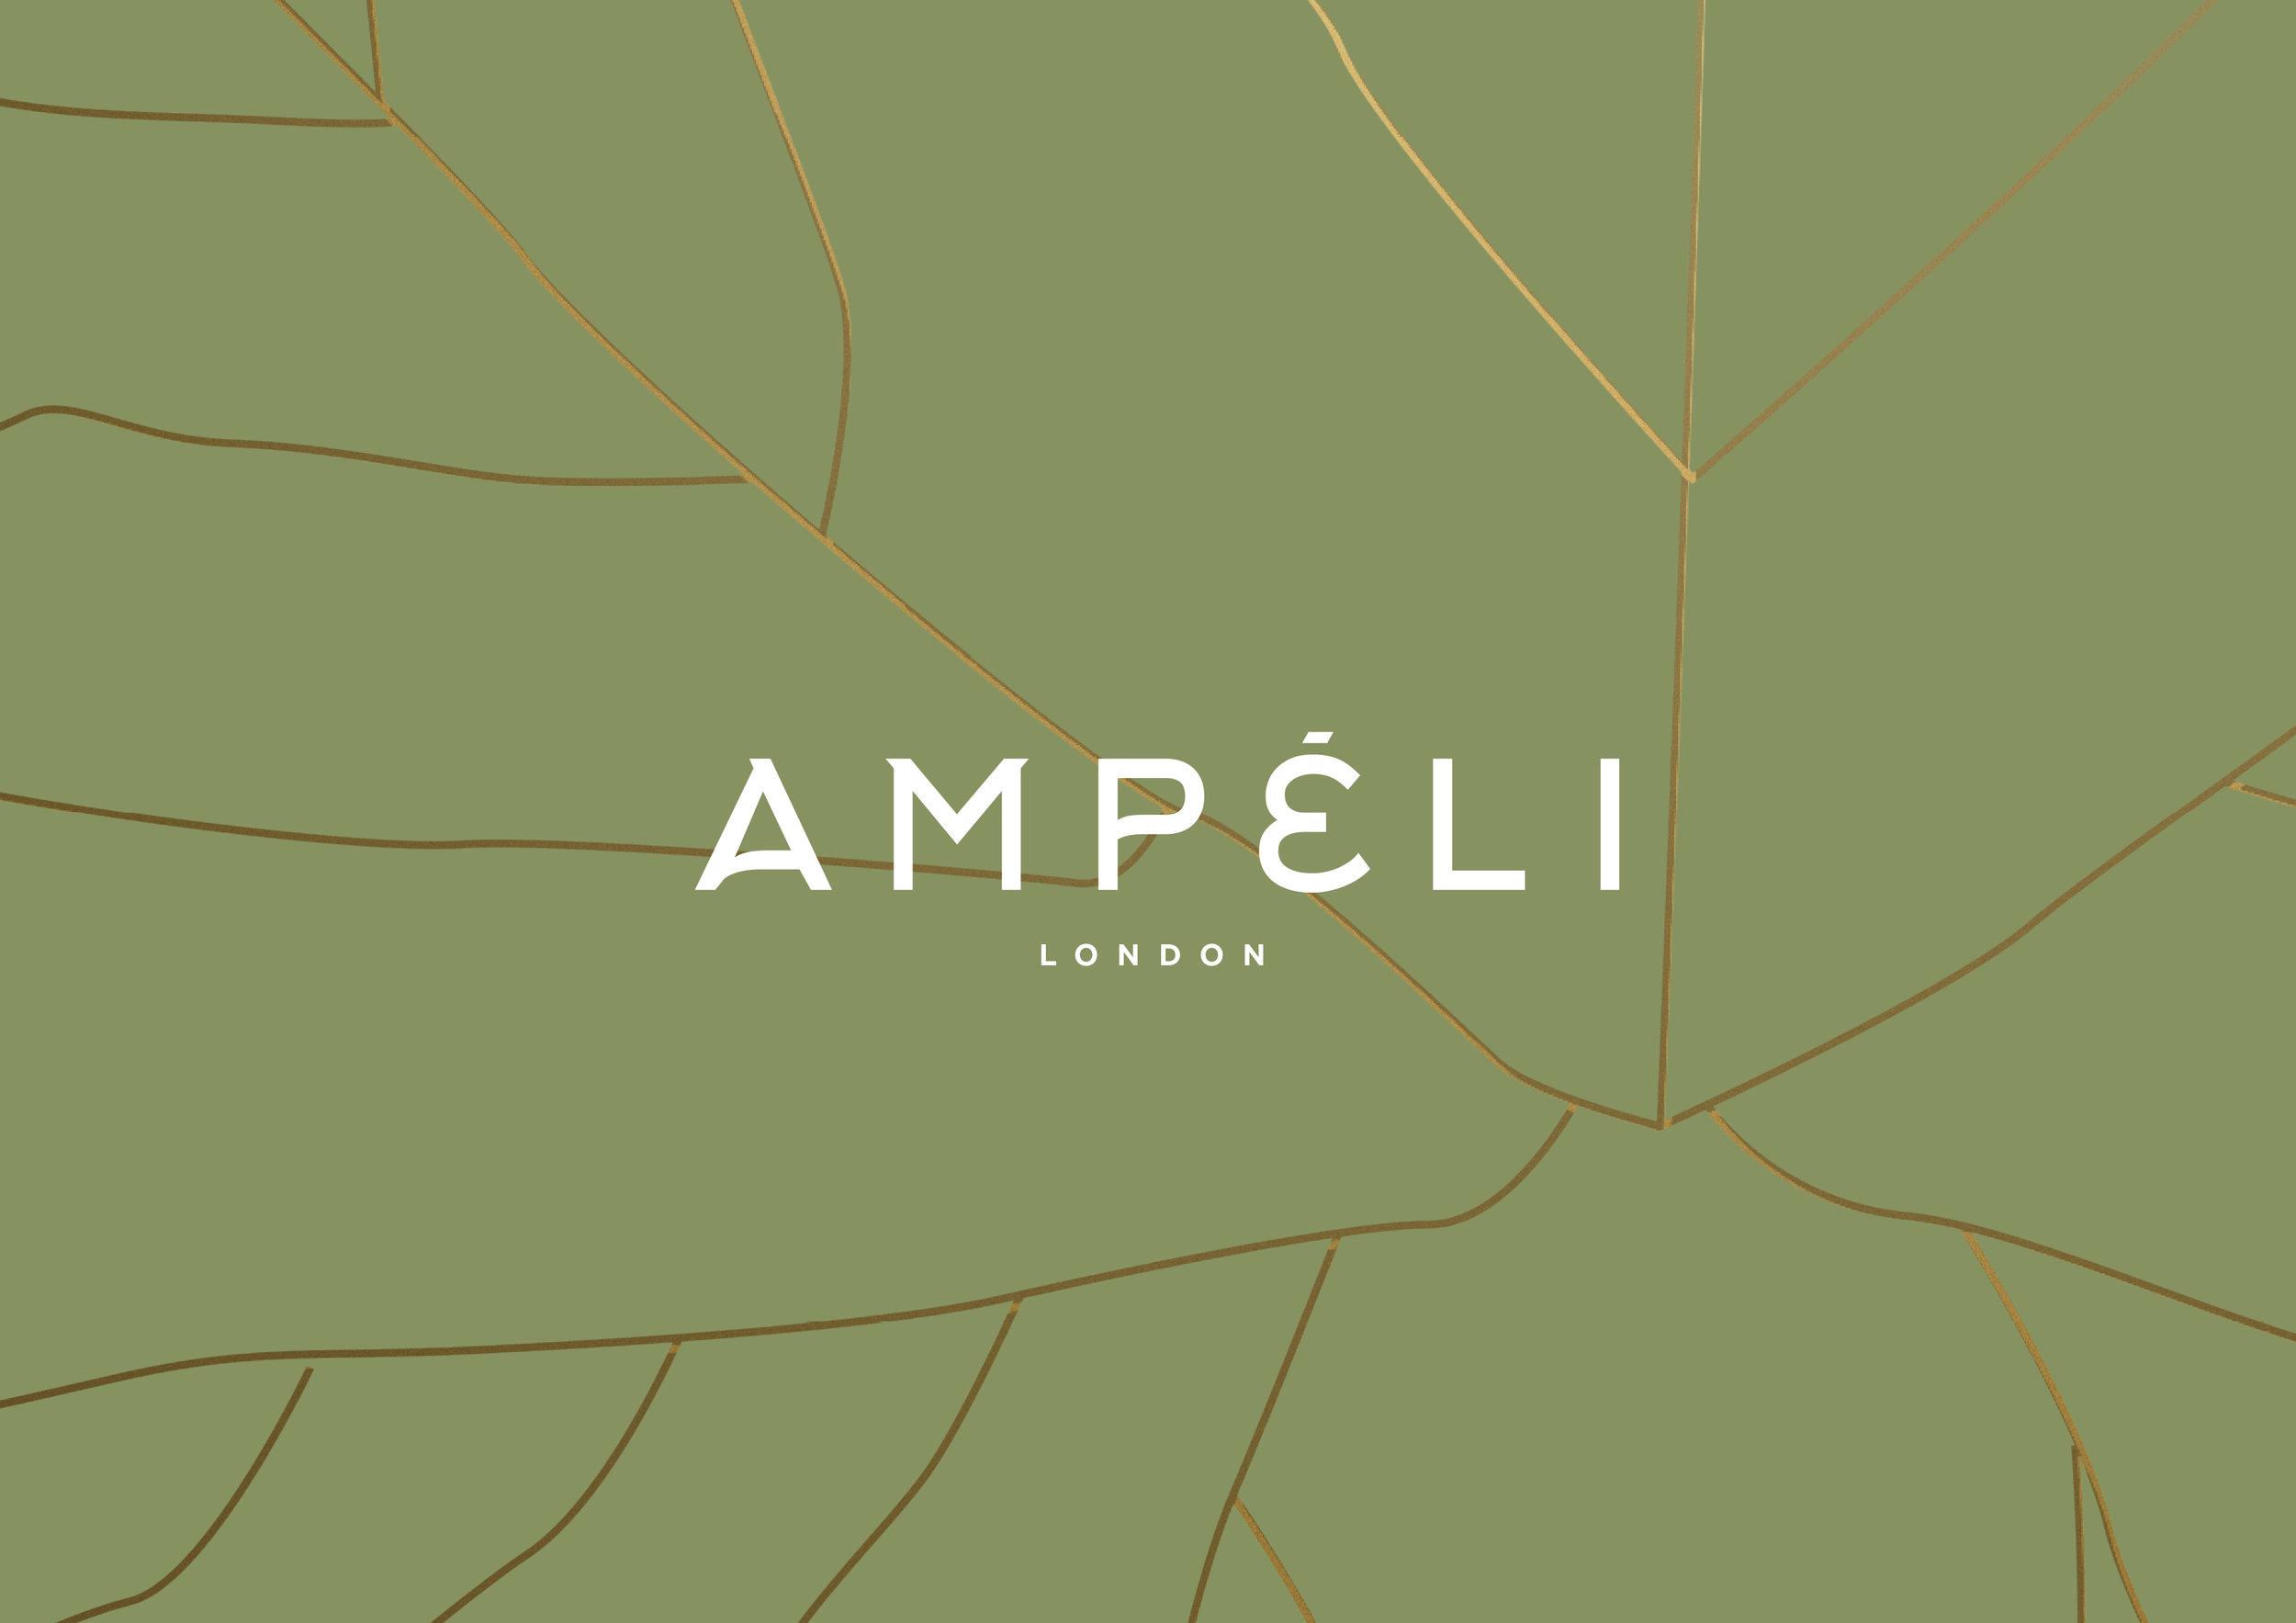 Ampeli_on_Leaf.jpg